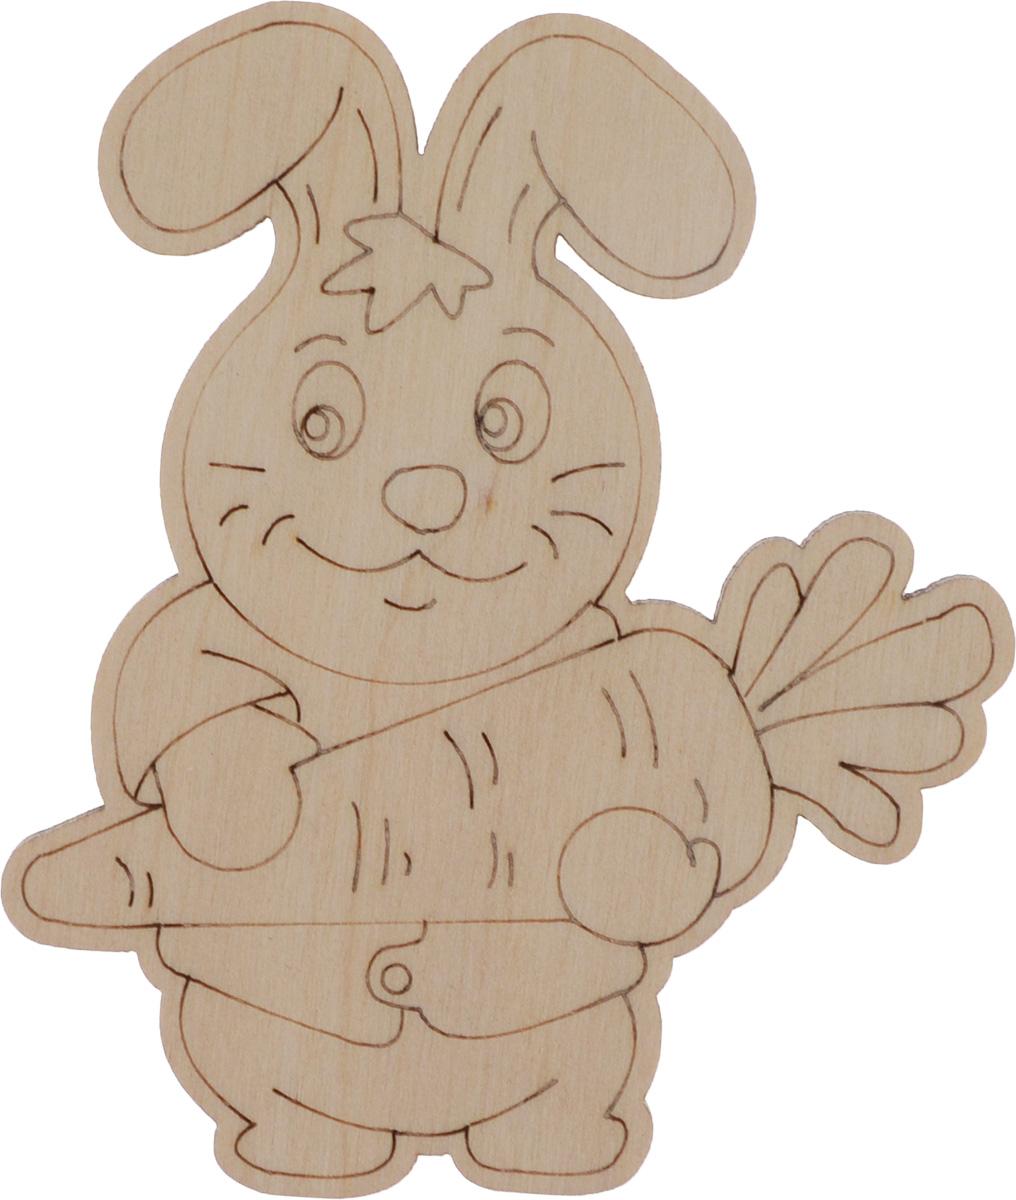 Деревянная заготовка Астра Зайка с морковкой, 7,5 x 9 см582176Заготовка Астра Зайка с морковкой изготовлена из дерева. Изделие, выполненное в виде милой зайки, станет хорошим объектом для вашего творчества и занятий декупажем. Заготовка, раскрашенная красками, будет прекрасным украшением интерьера или отличным подарком.